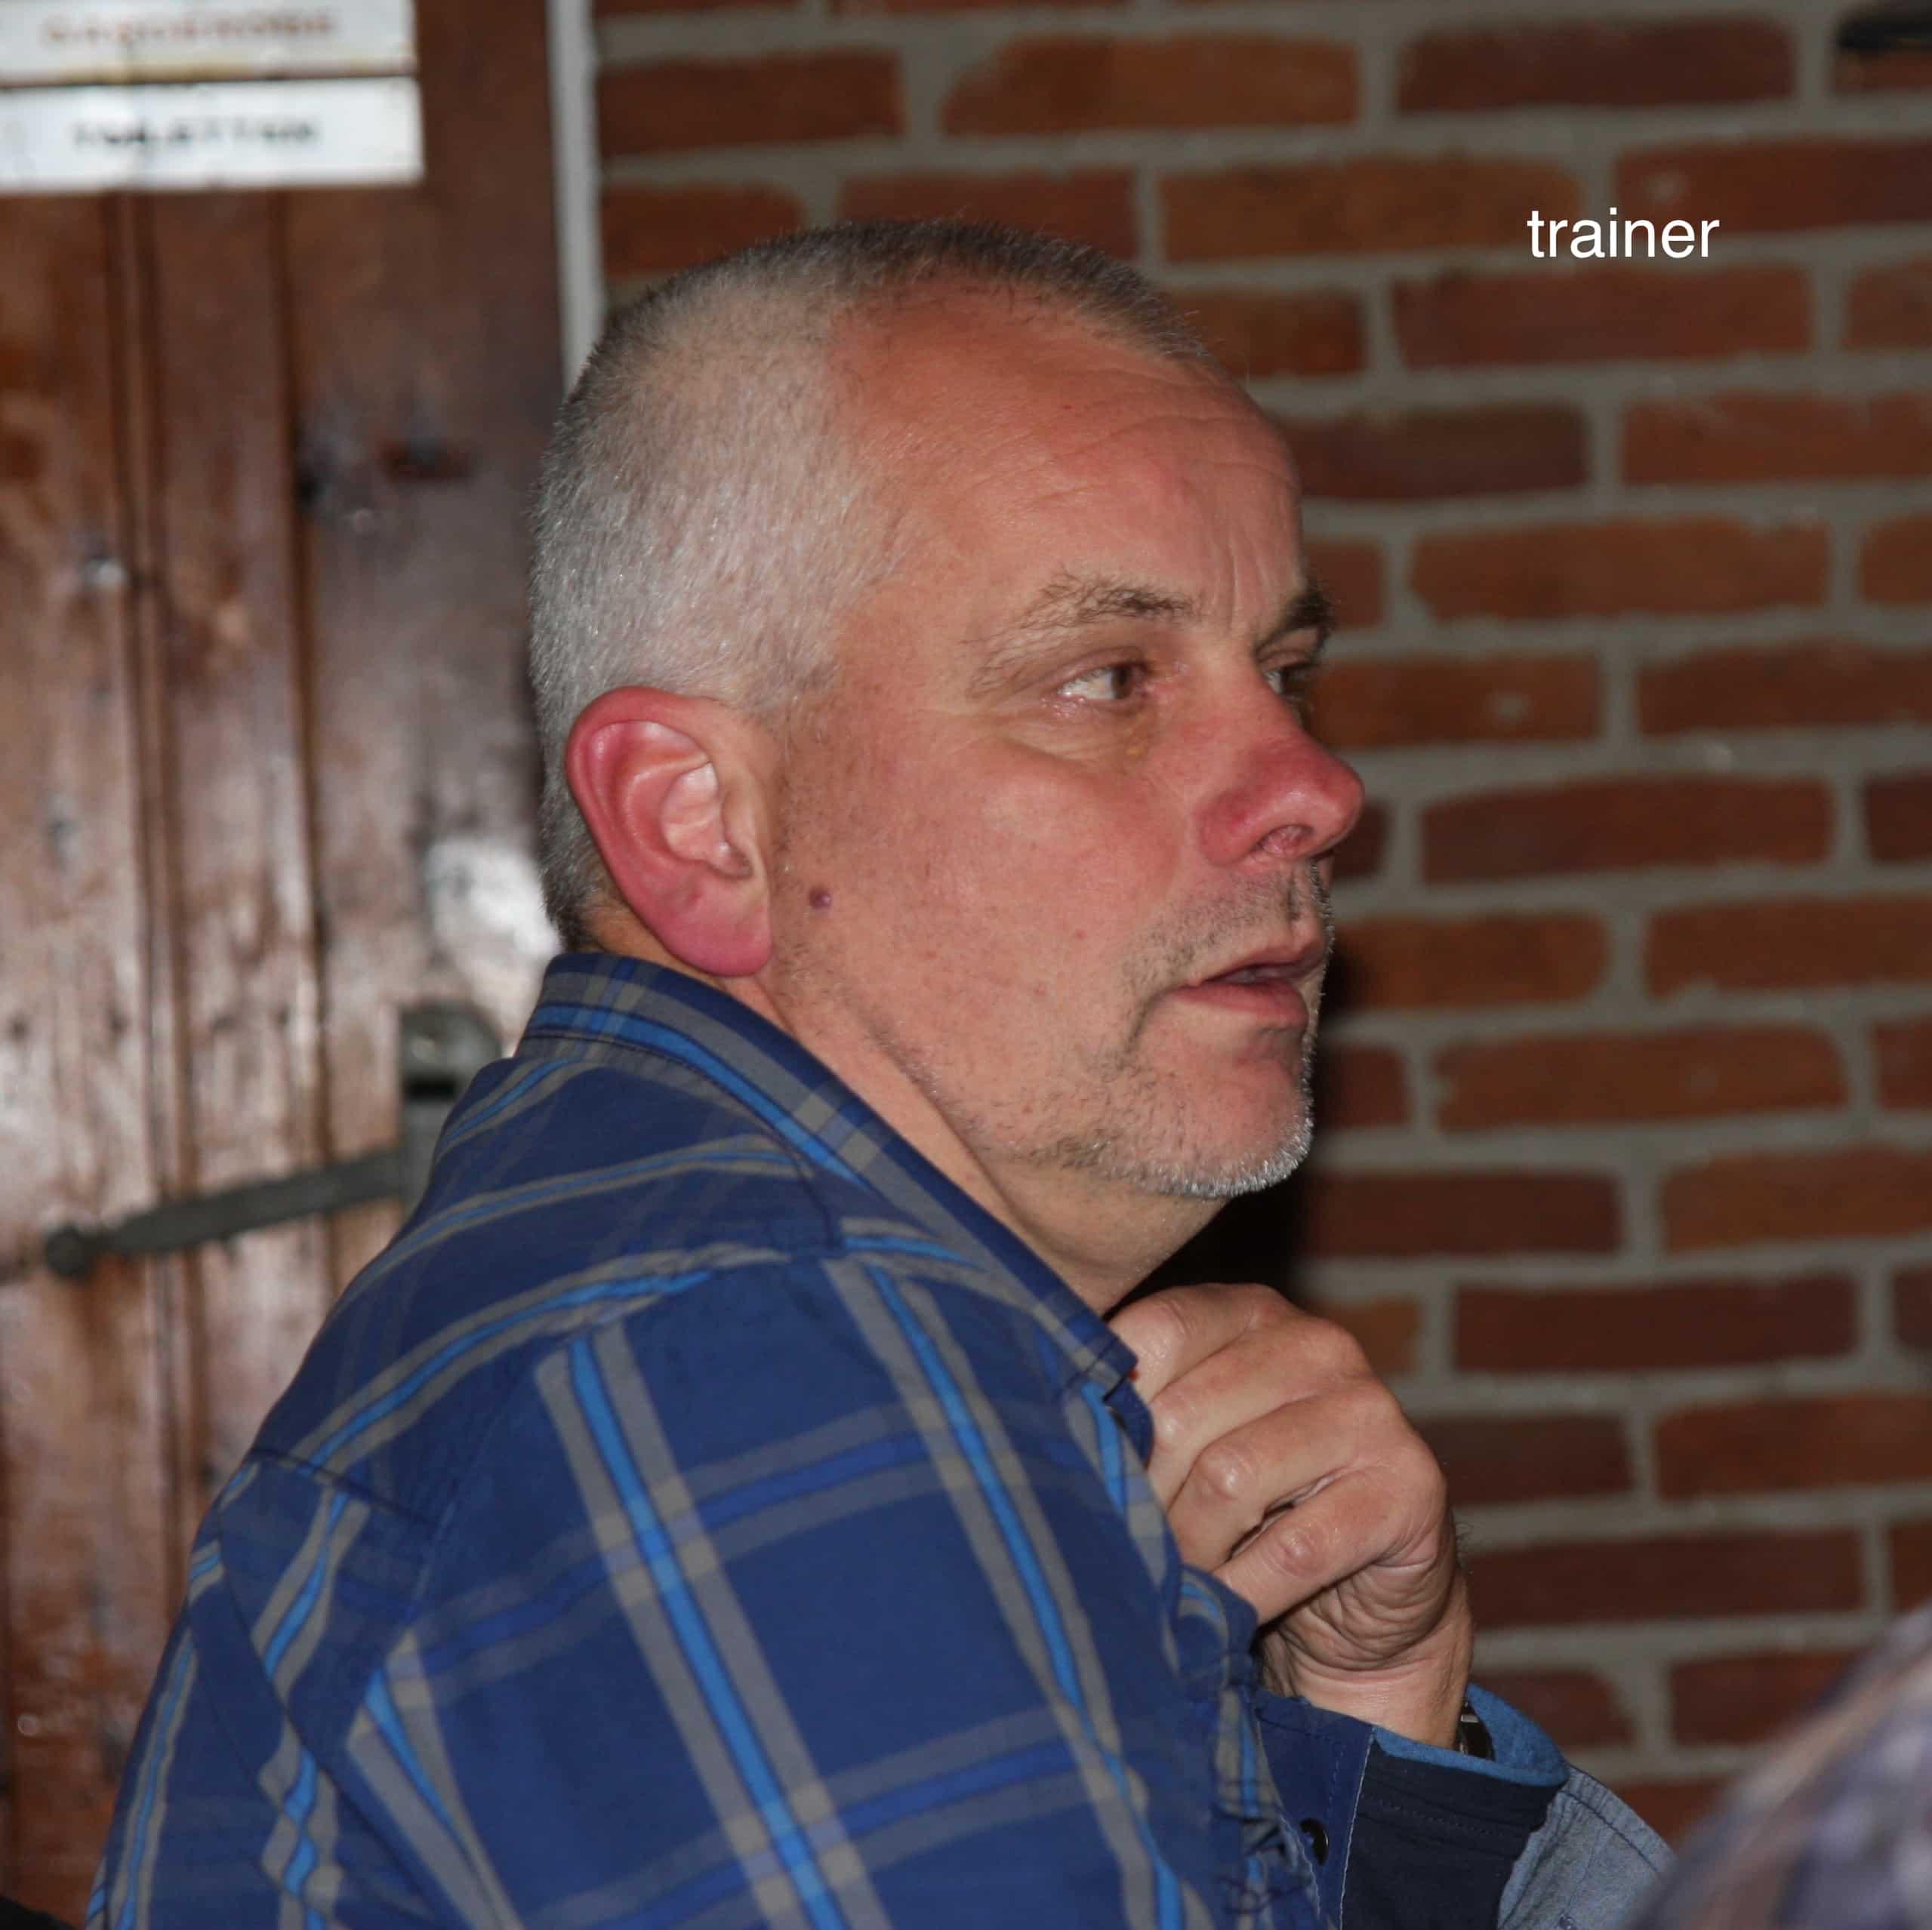 Kees Van Bolhuis